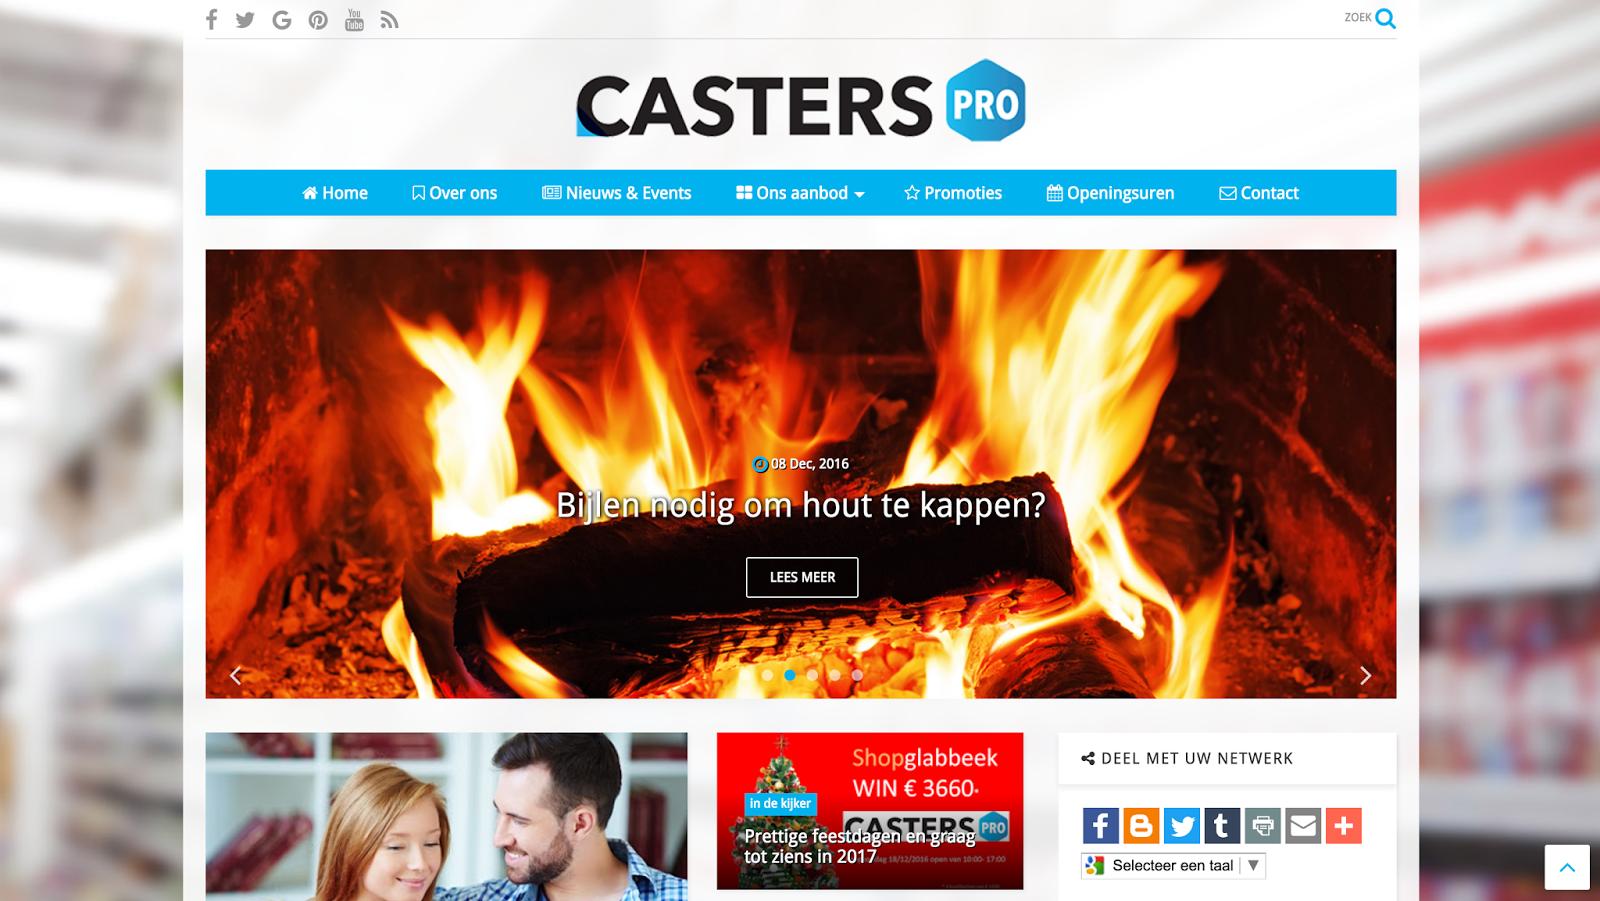 Casters pro – ijzerwaren & doe-het-zelf handel – Bree